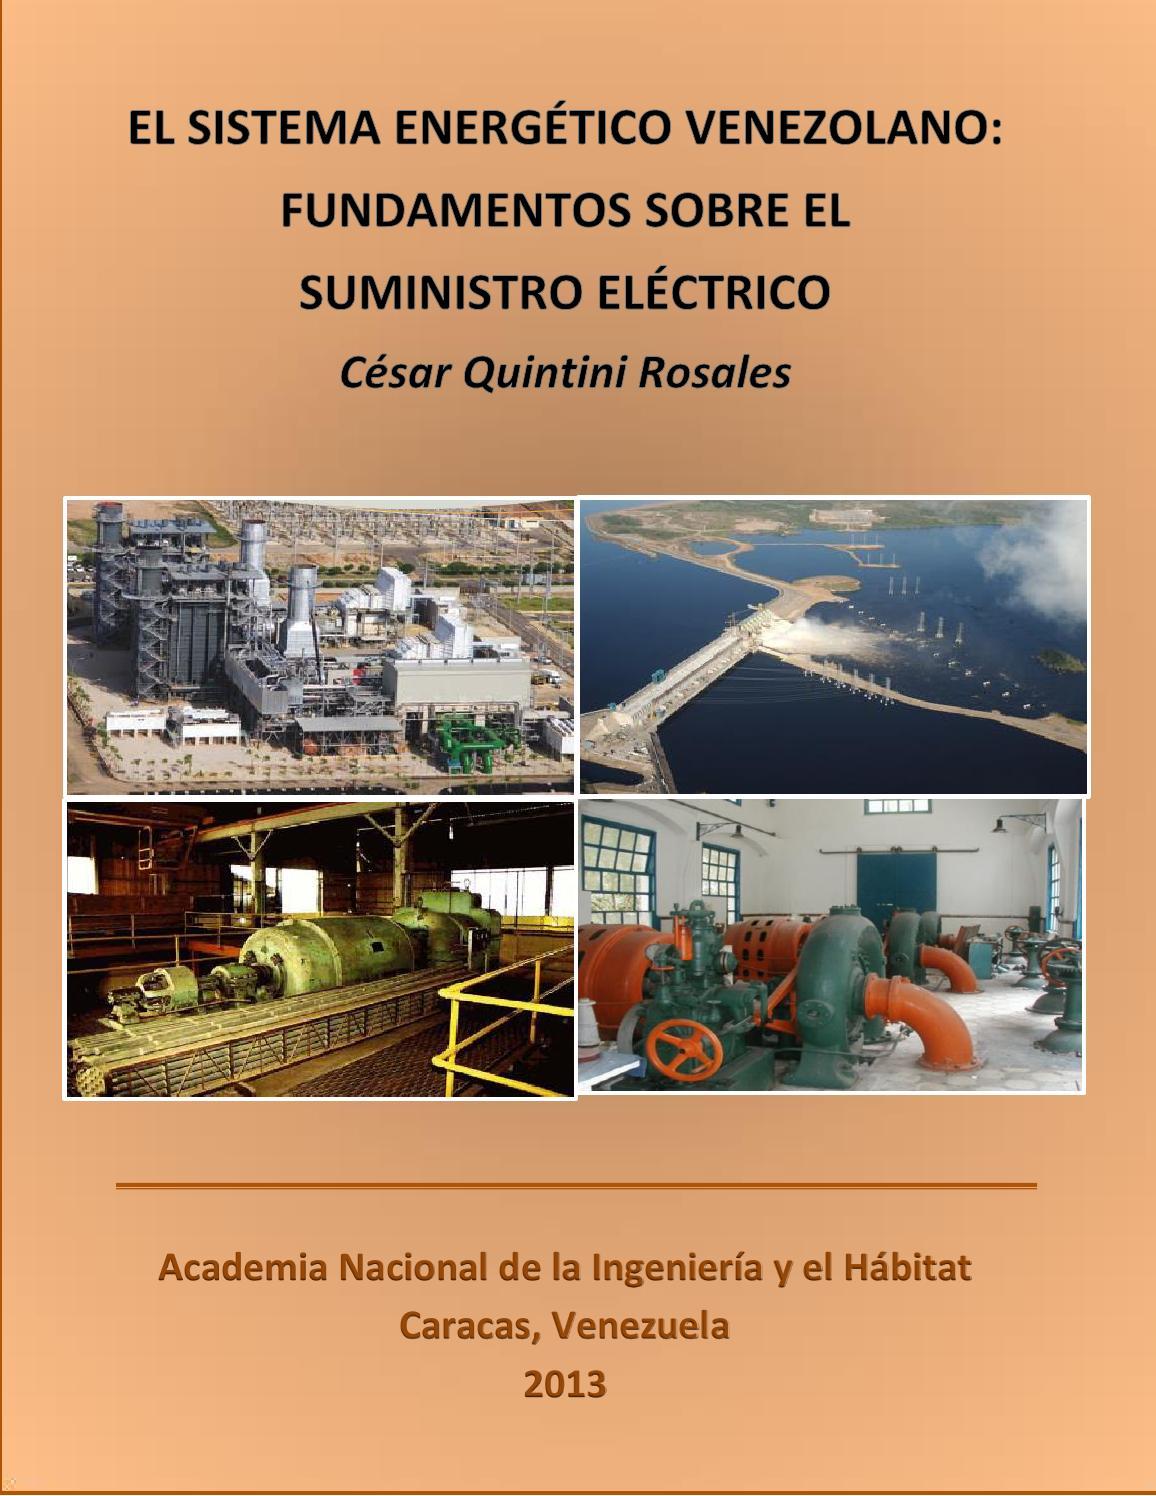 c24e46d780e El Sistema Energético venezolano  Fundamentos sobre el suministro eléctrico  by Soberania.org Venezuela - issuu